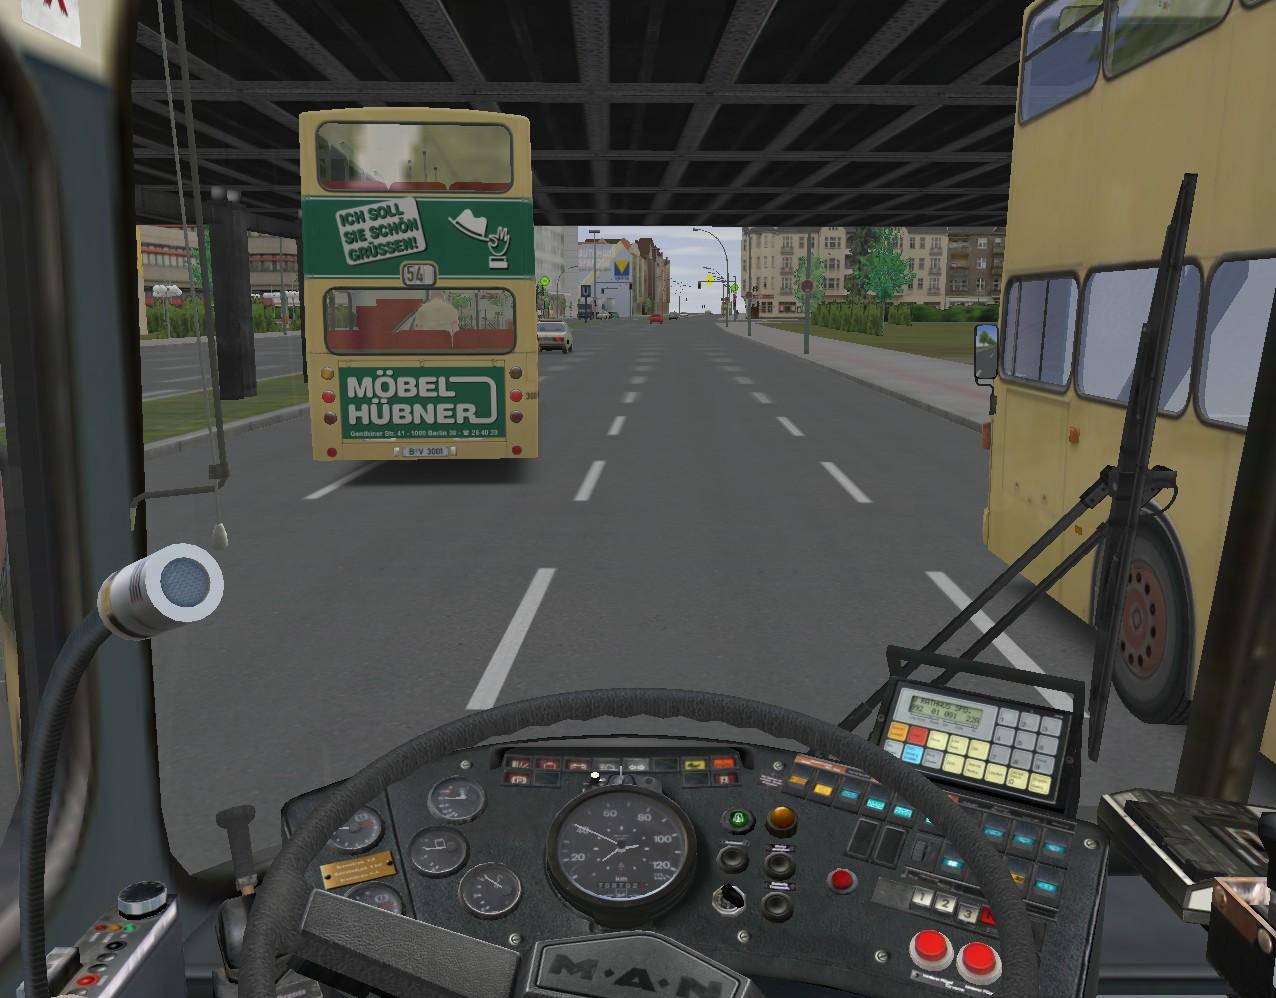 kostenlos bus simulator spielen